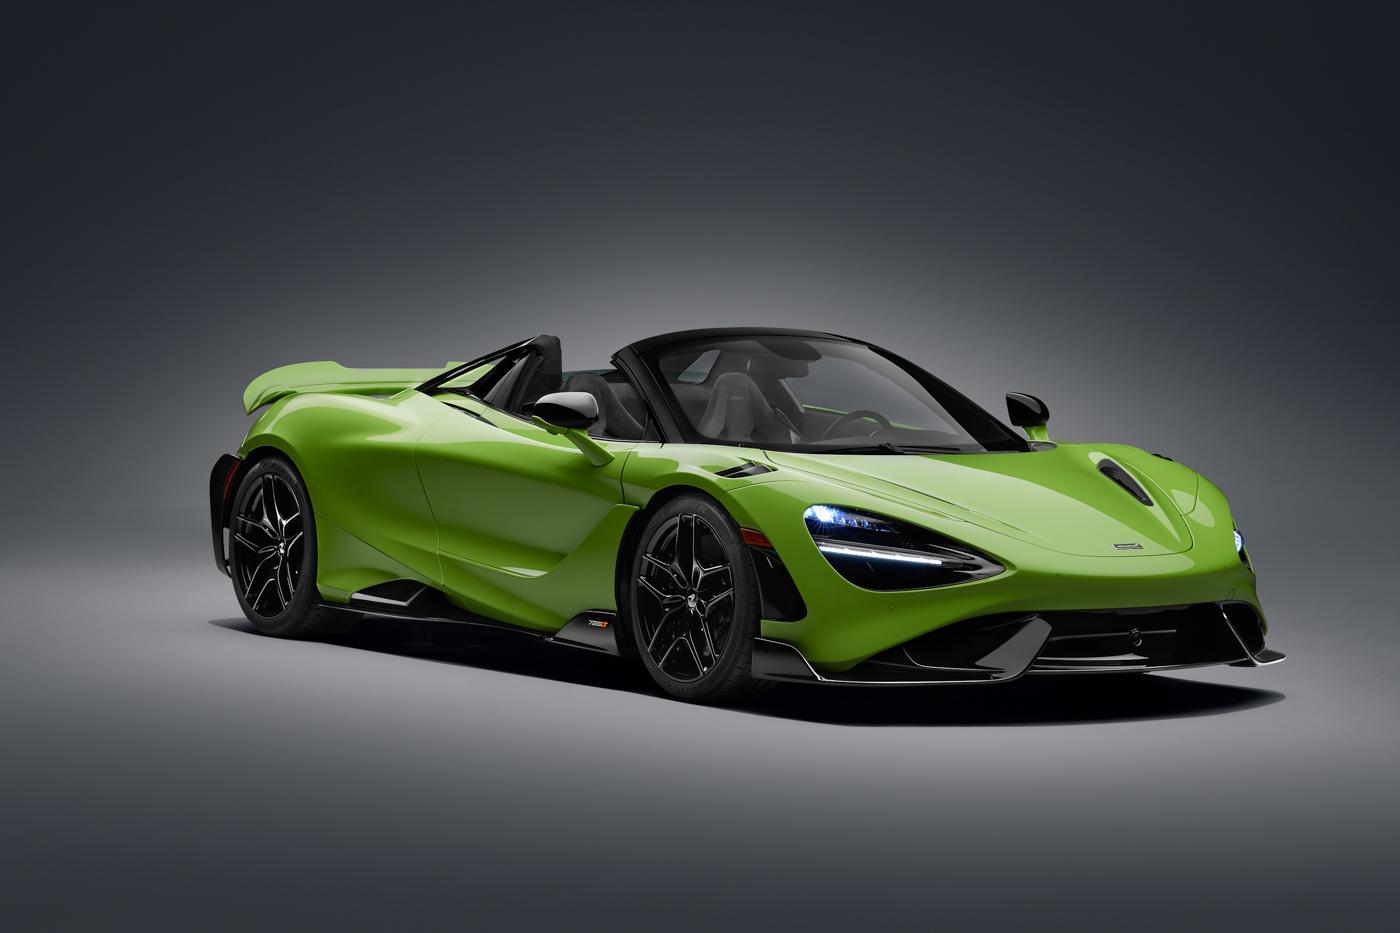 McLaren-765-LT-Spider-siêu-xe-mui-trần-hiệu-năng-cao-dẫn-đầu-phân-khúc-30.jpg